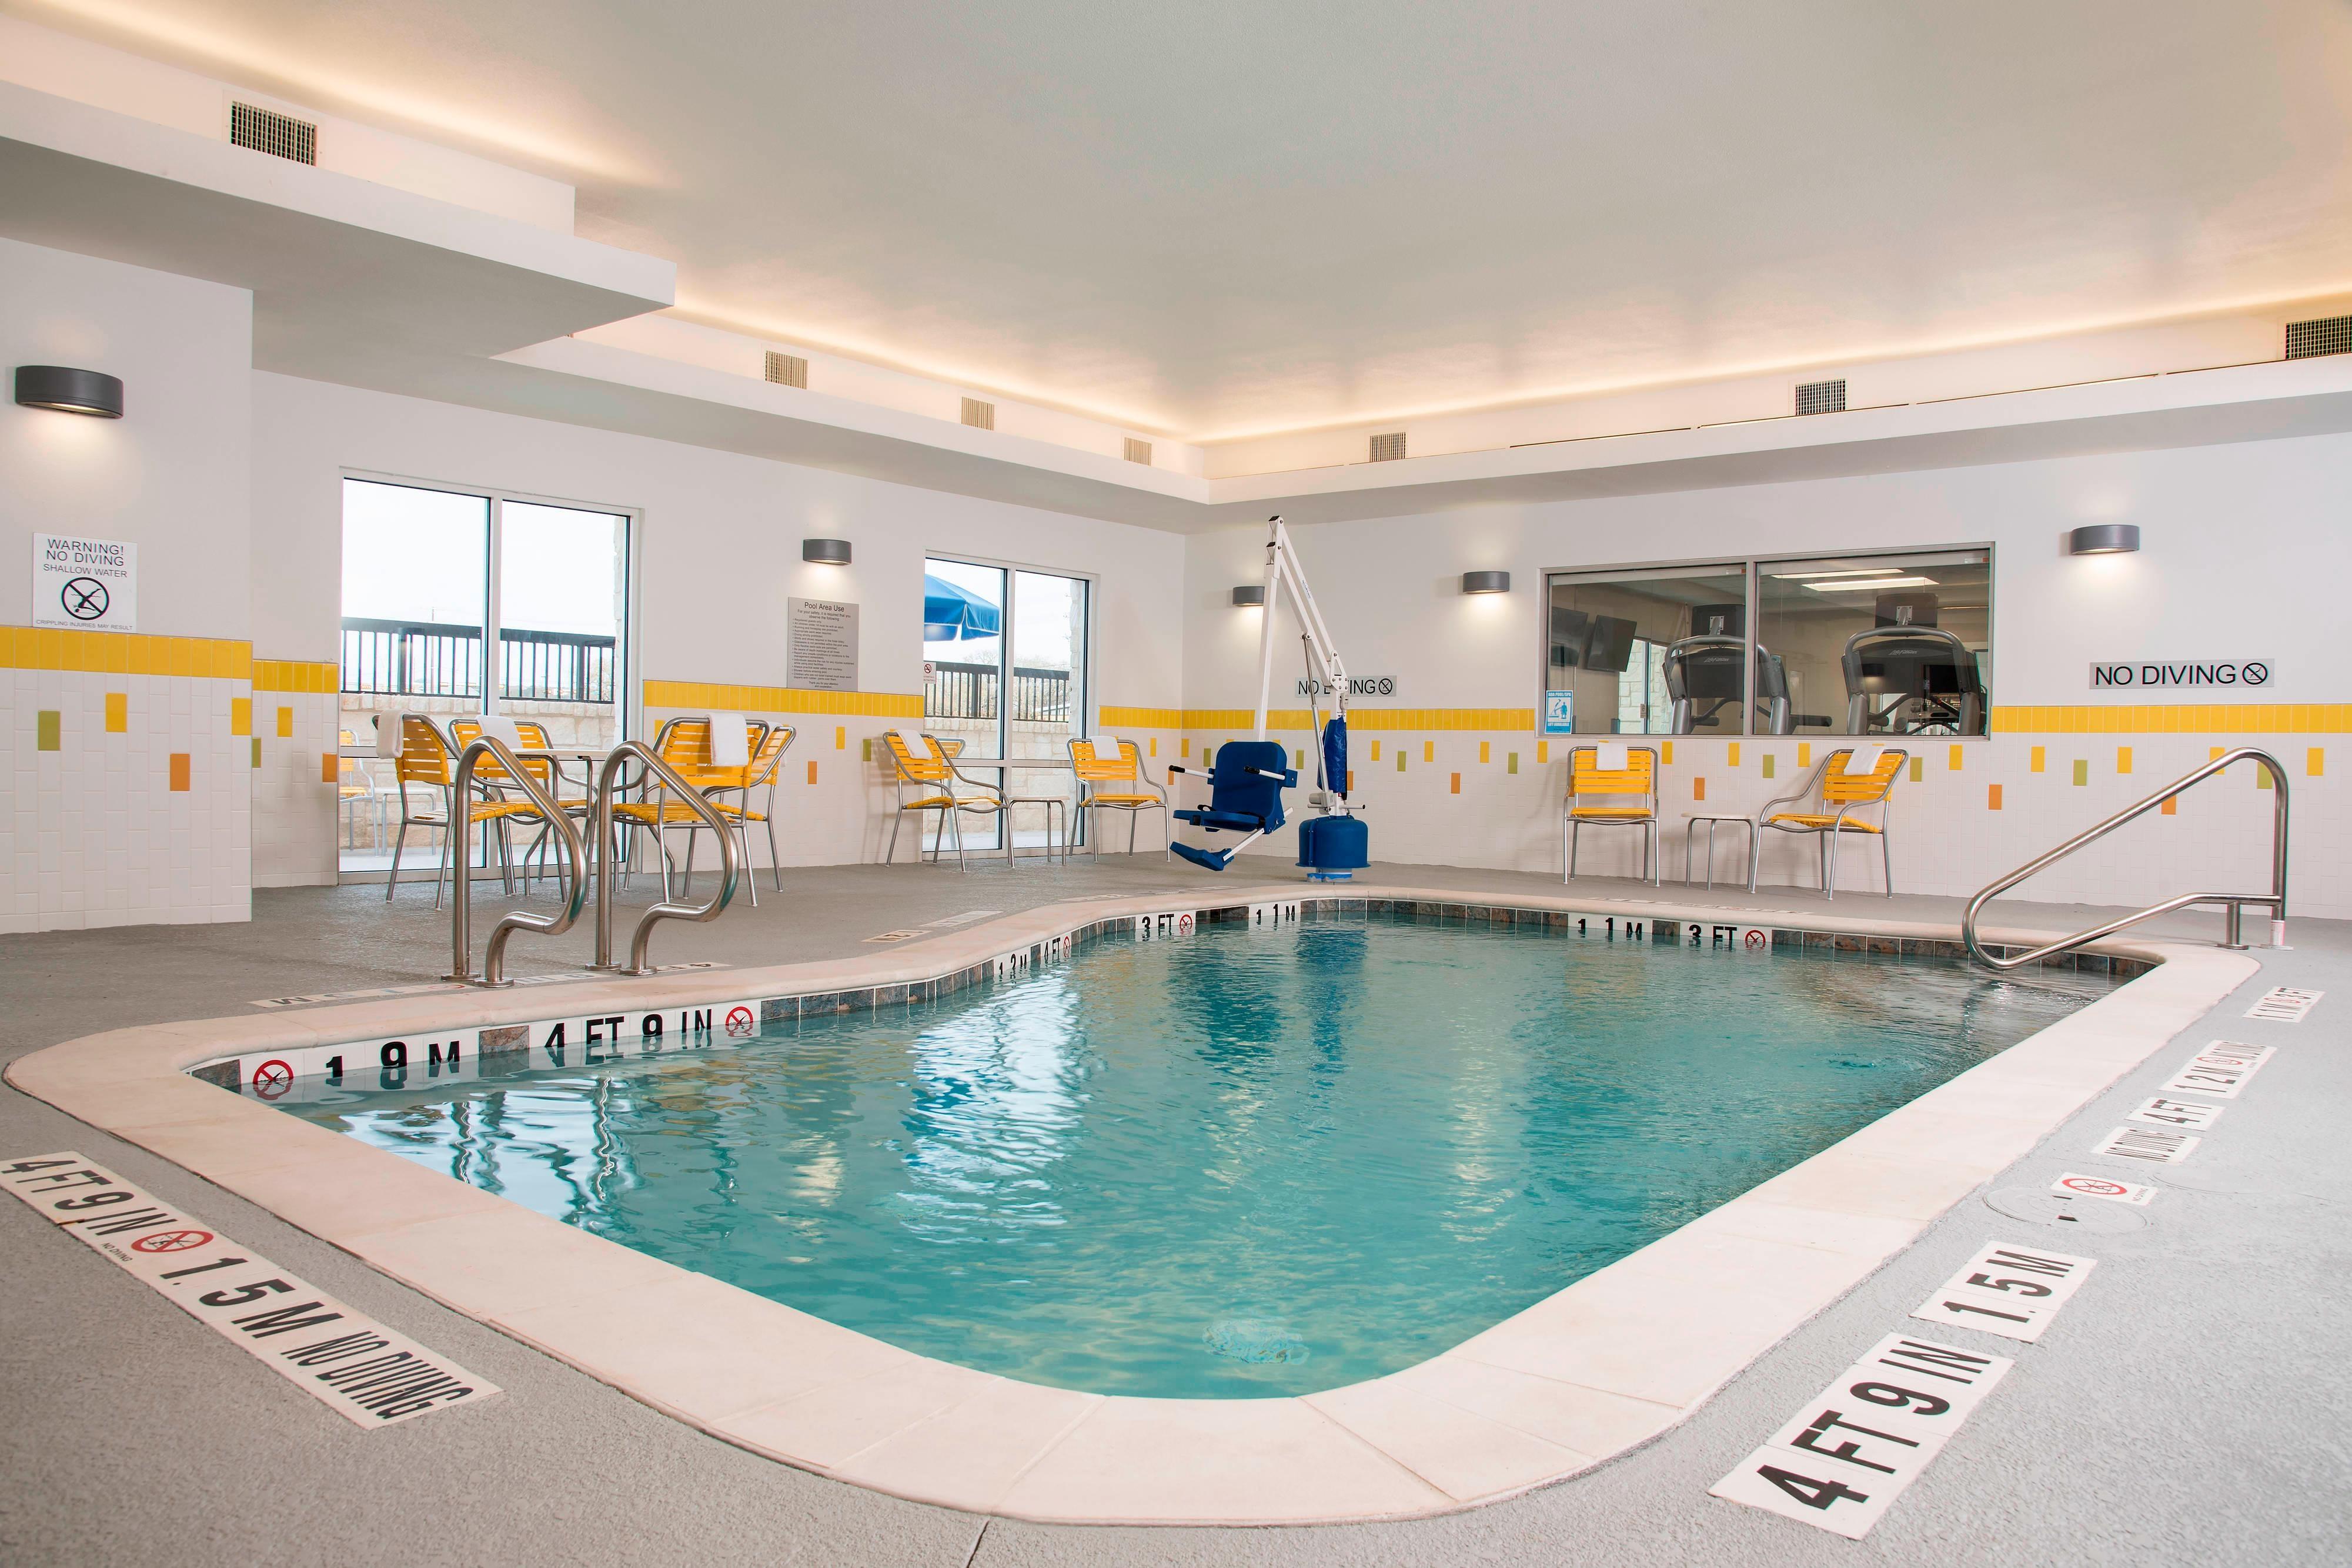 Fairfield Inn & Suites Fredericksburg Indoor Pool